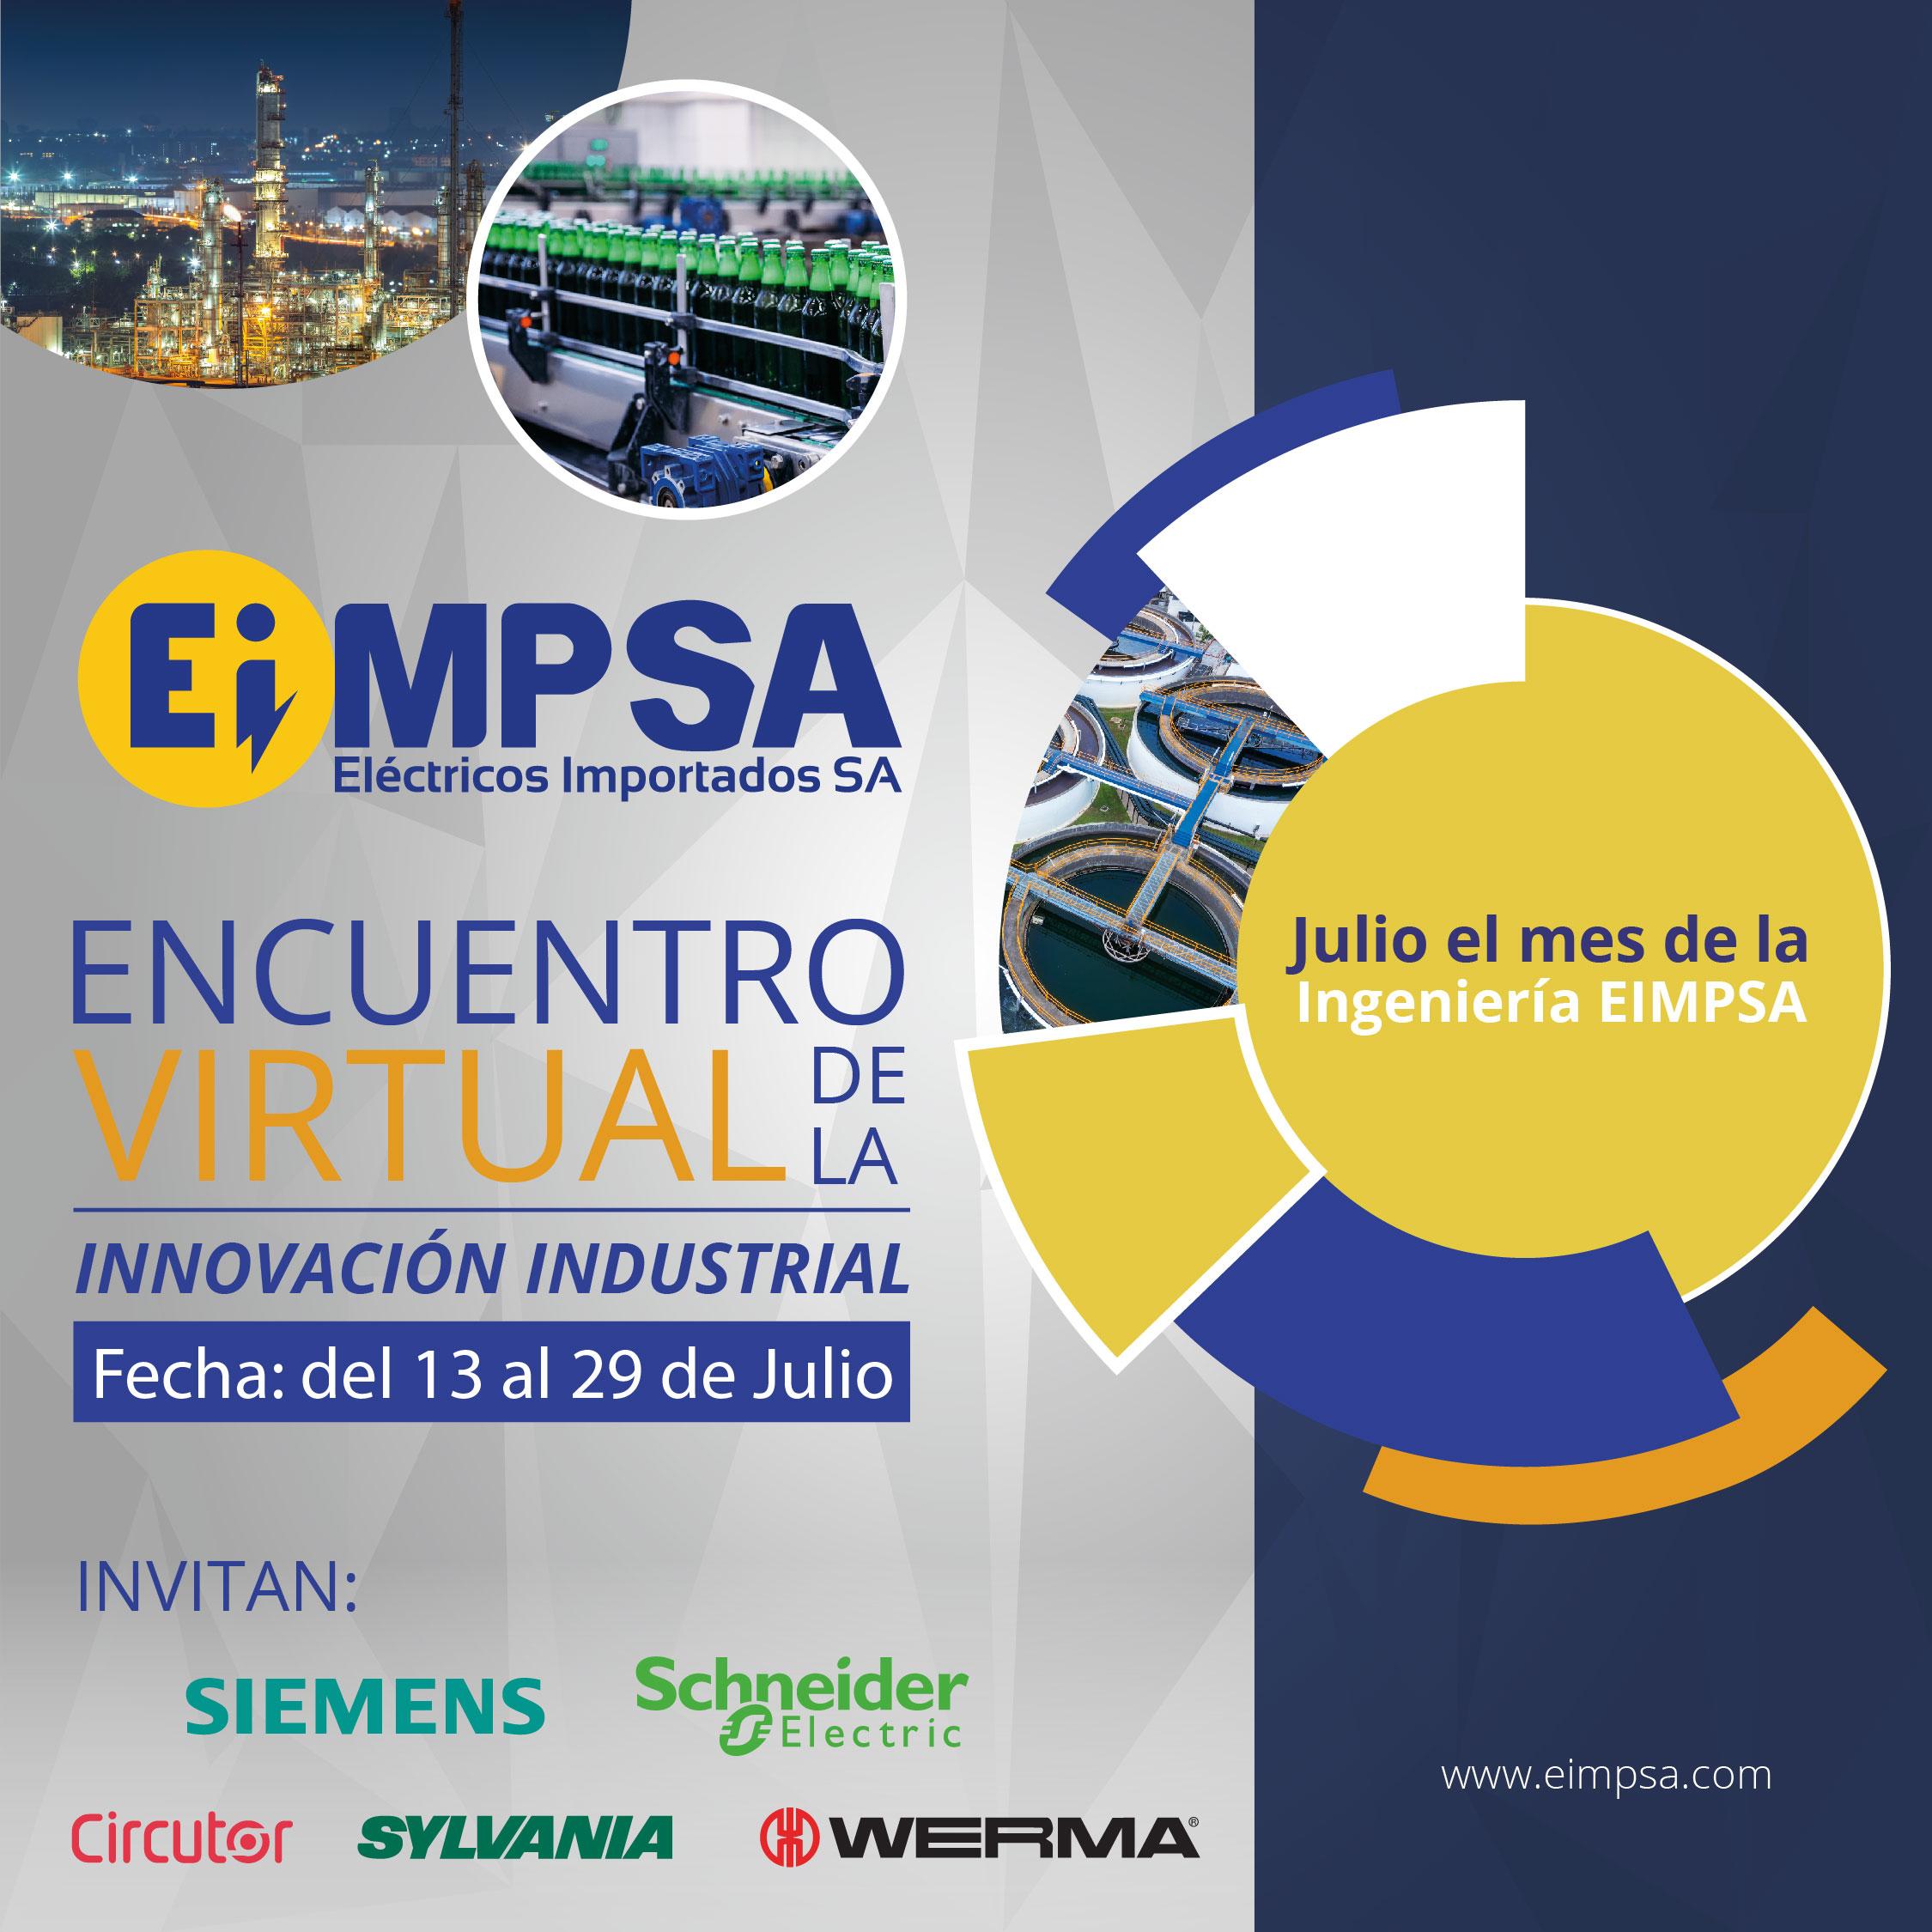 Encuentro Virtual de la Innovación Industrial EIMPSA 2021